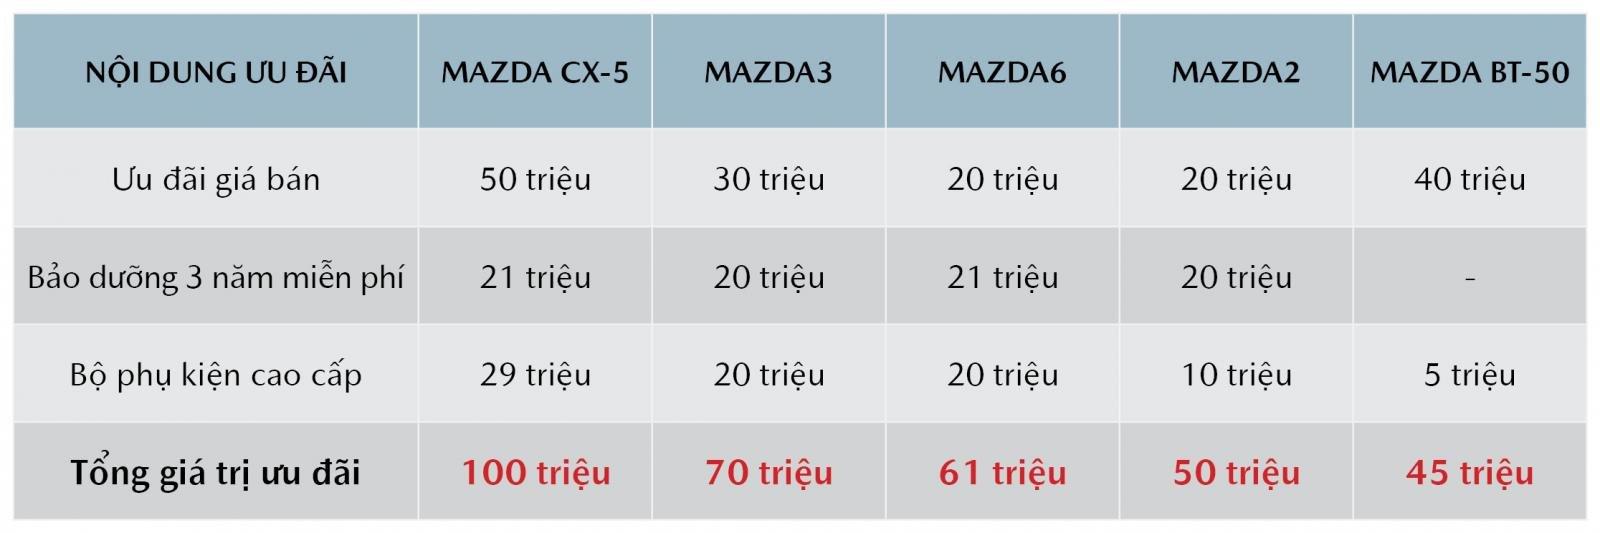 Mazda khuyến mại tháng 8/2019: Mazda CX-5 giảm 100 triệu đồng a3